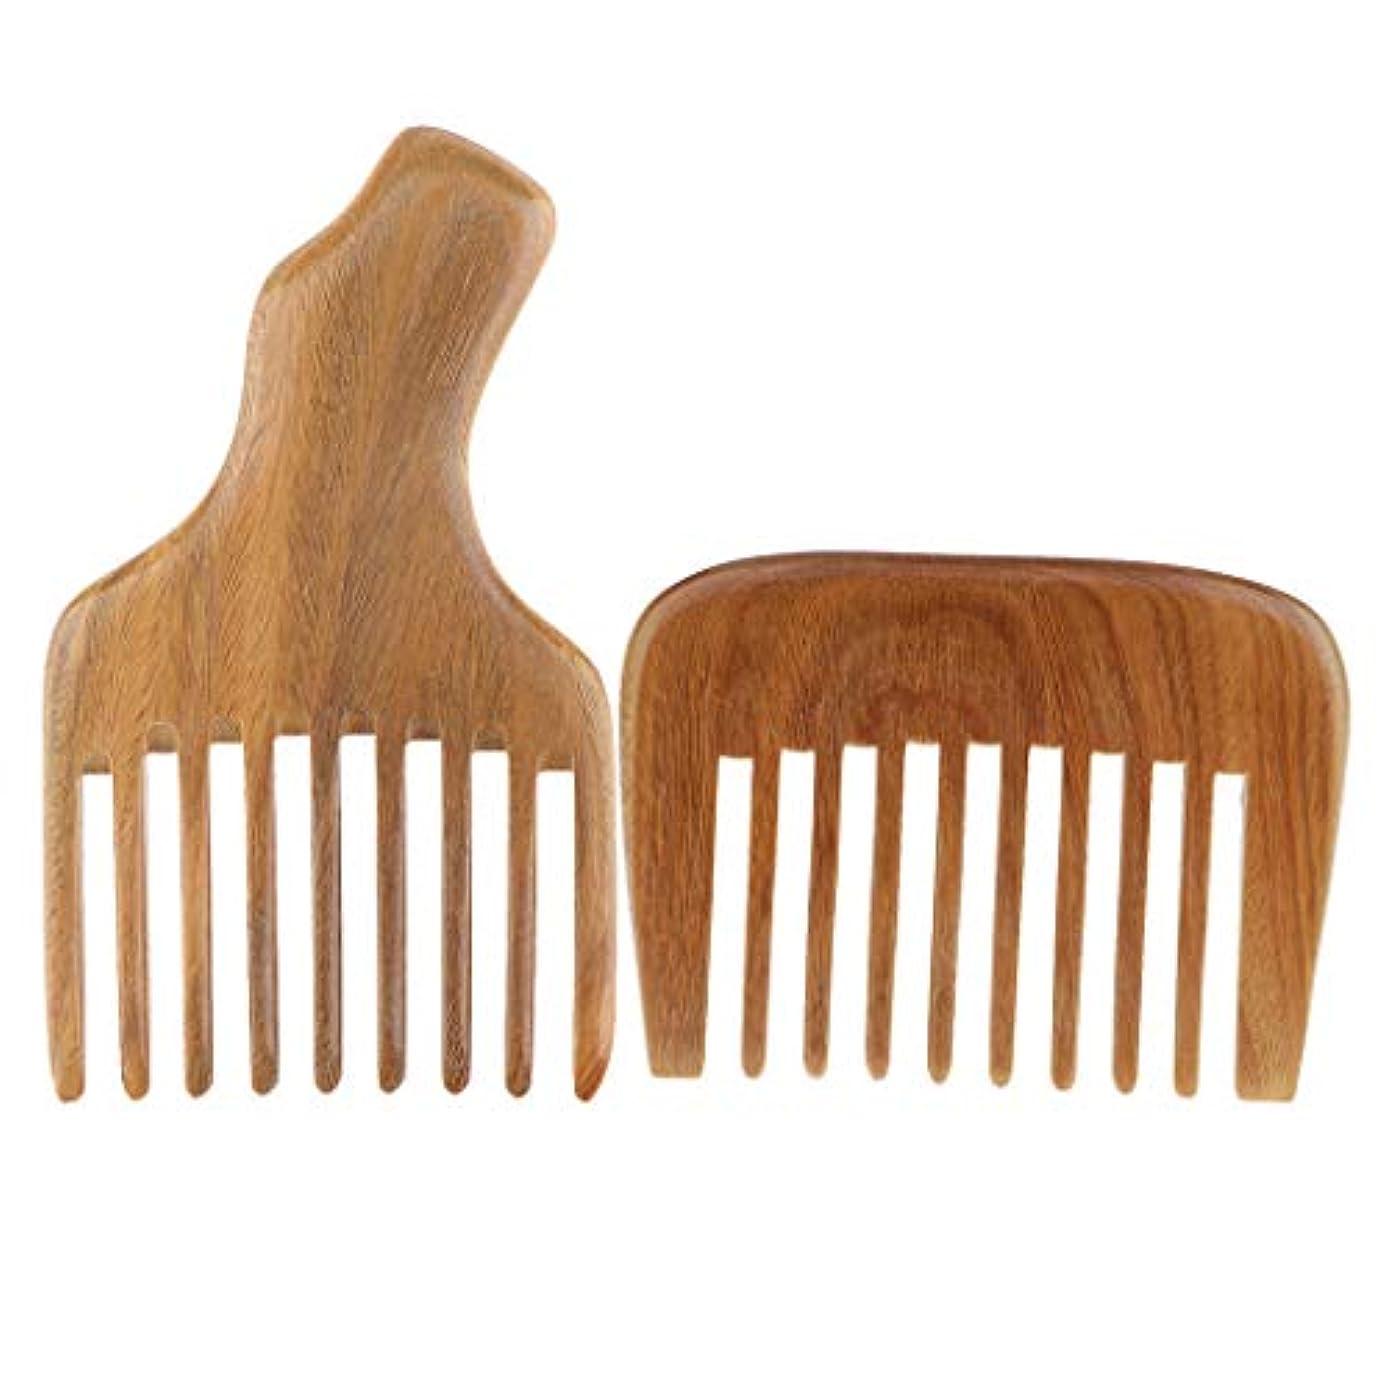 決めます蓮入場ウッドコーム 天然木の櫛セット 髪のマッサージの櫛 2個セット